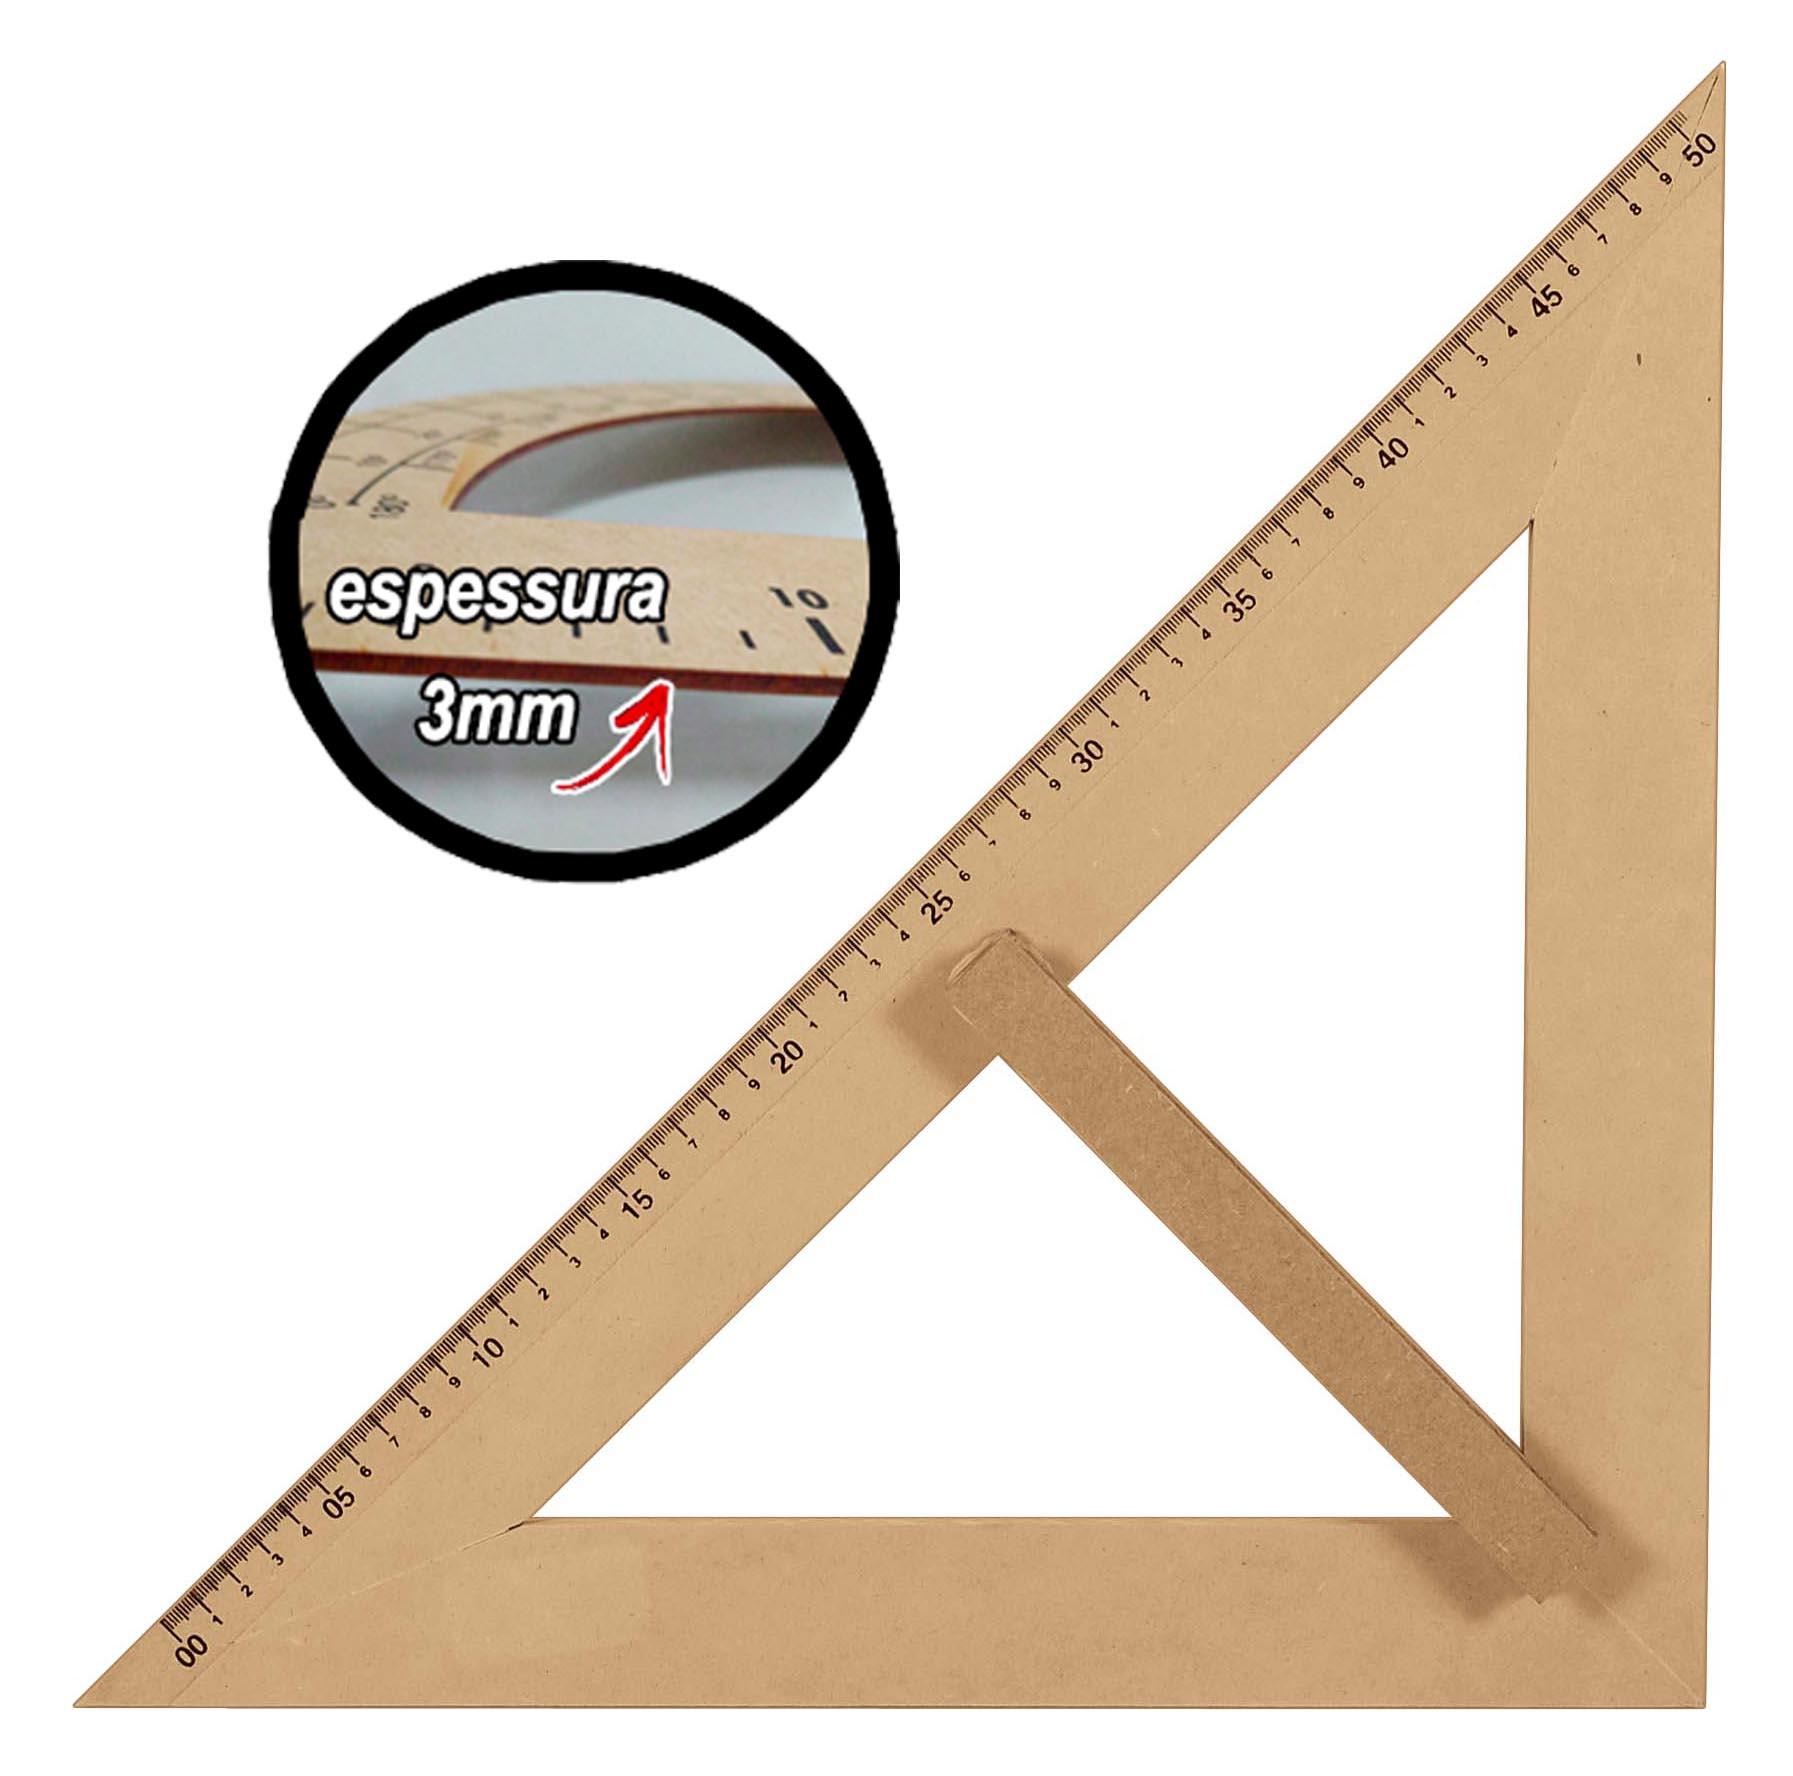 Kit Geométrico do Professor Mdf/Pinus Com Régua 1 Metro 1 Compasso Para Quadro Branco 40 cm 1 Compasso Para Giz 40 cm 1 Esquadro 30/60 Graus 1 Esquadro 45 Graus e 1 Transferidor 180 Graus